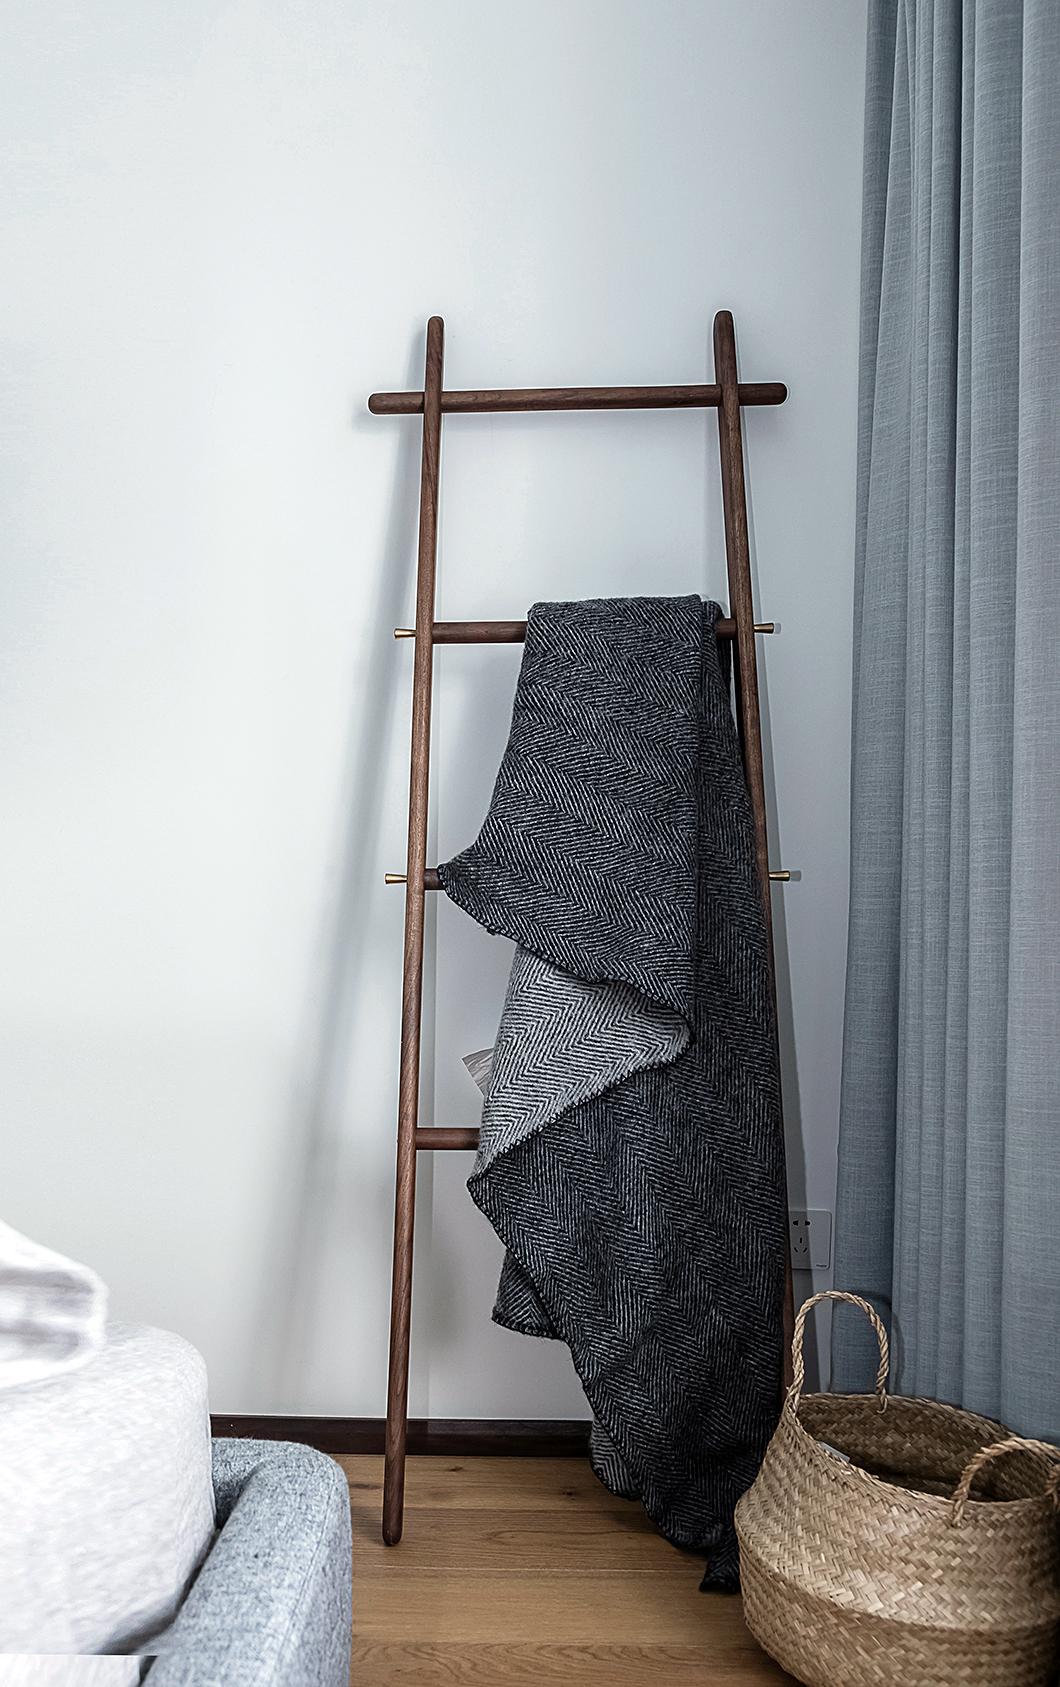 130㎡简约现代风装修梯子架设计